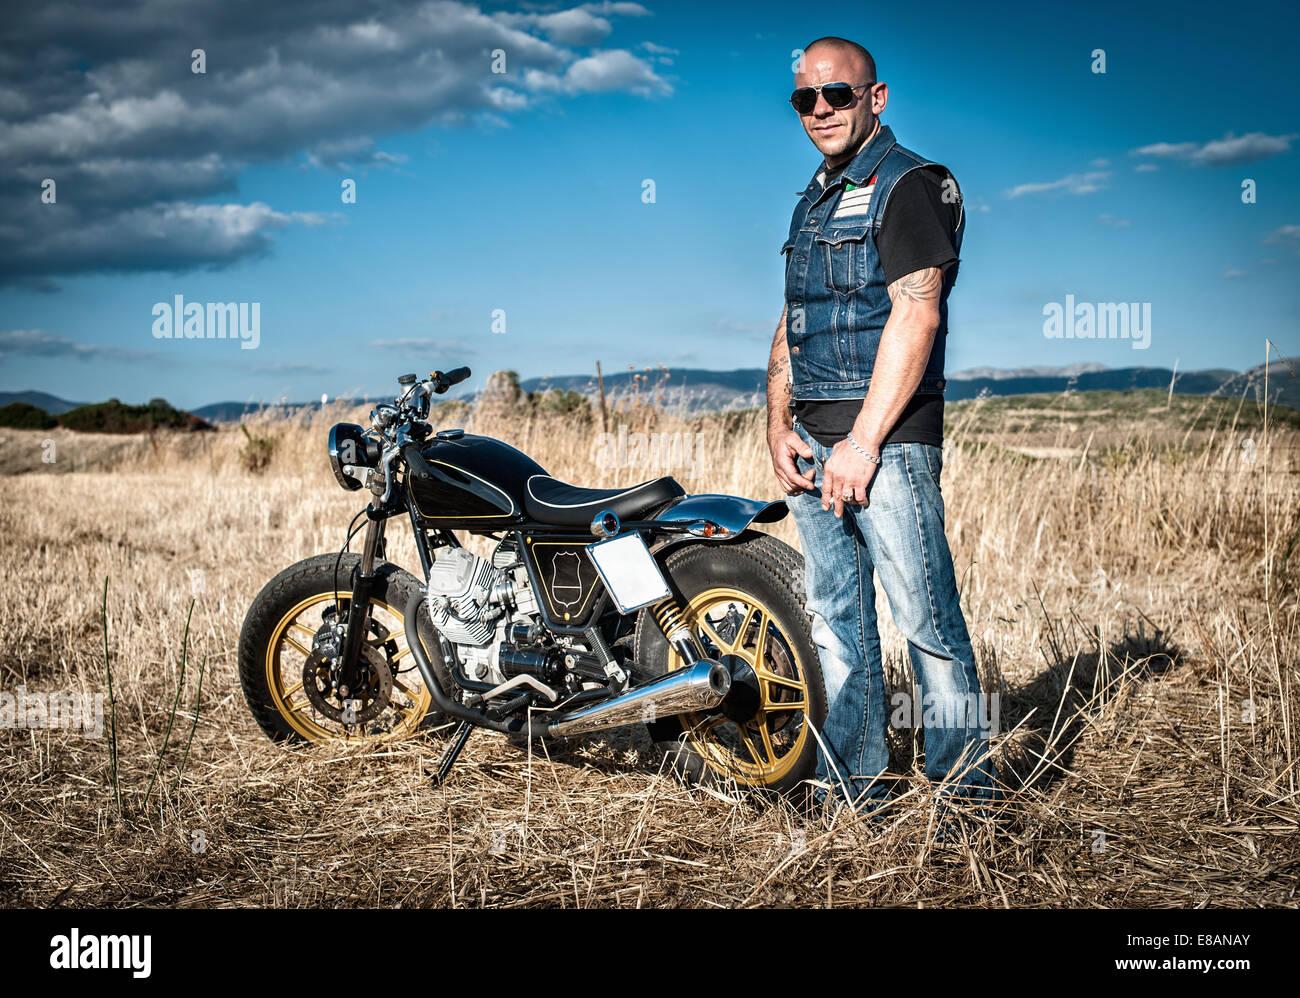 Porträt von männlichen Motorradfahrer in Ebene Landschaft, Cagliari, Sardinien, Italien Stockbild